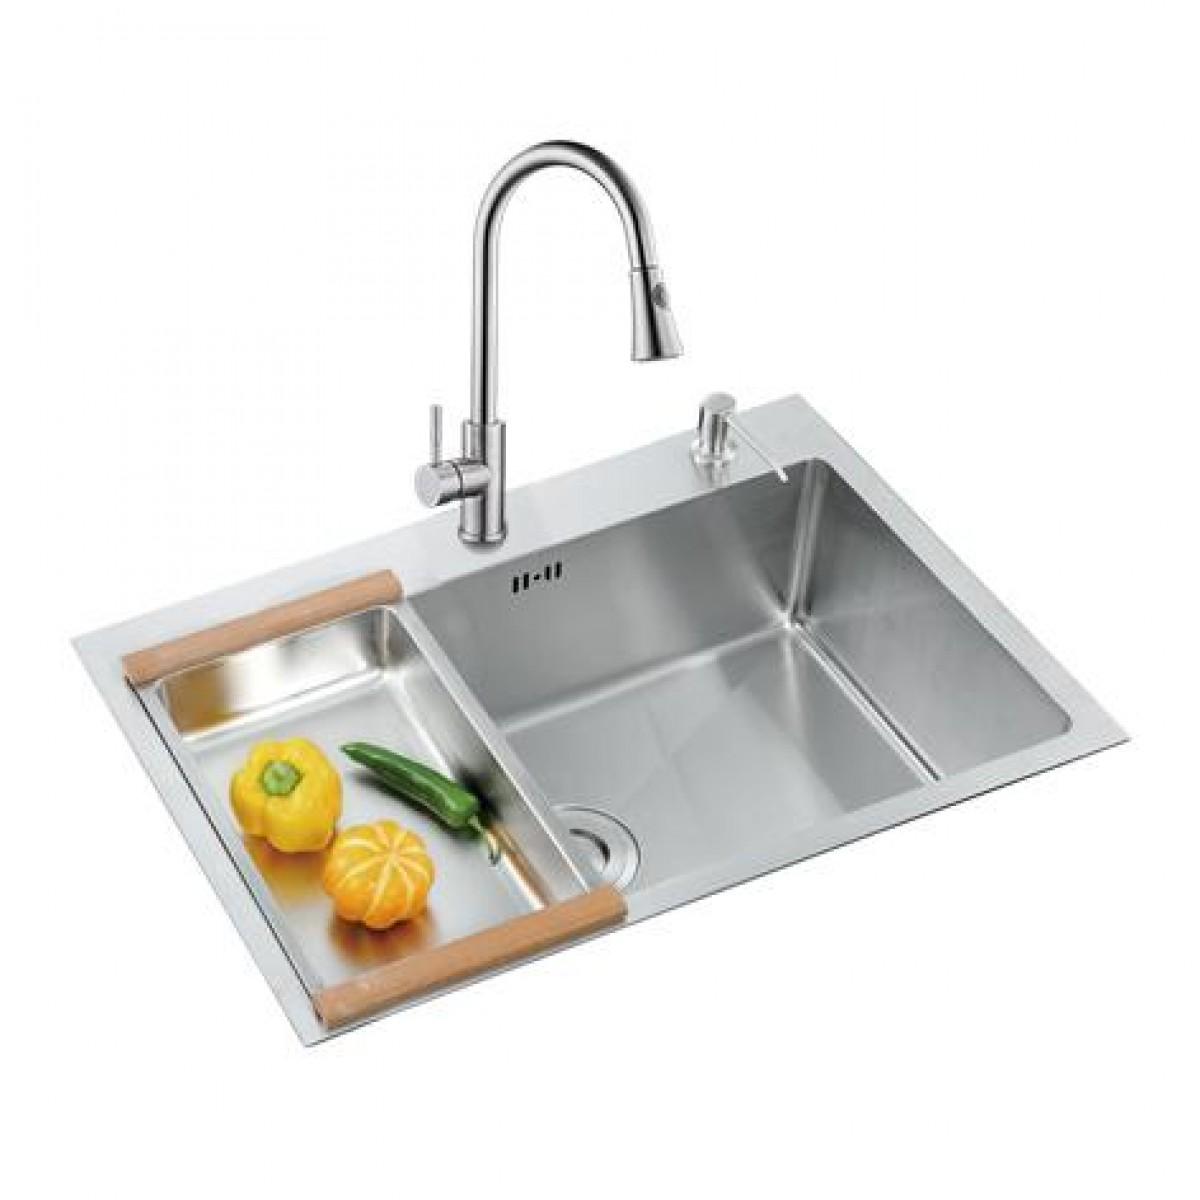 邦斯特 不锈钢单盆水槽+龙头套餐 H6845D+2008